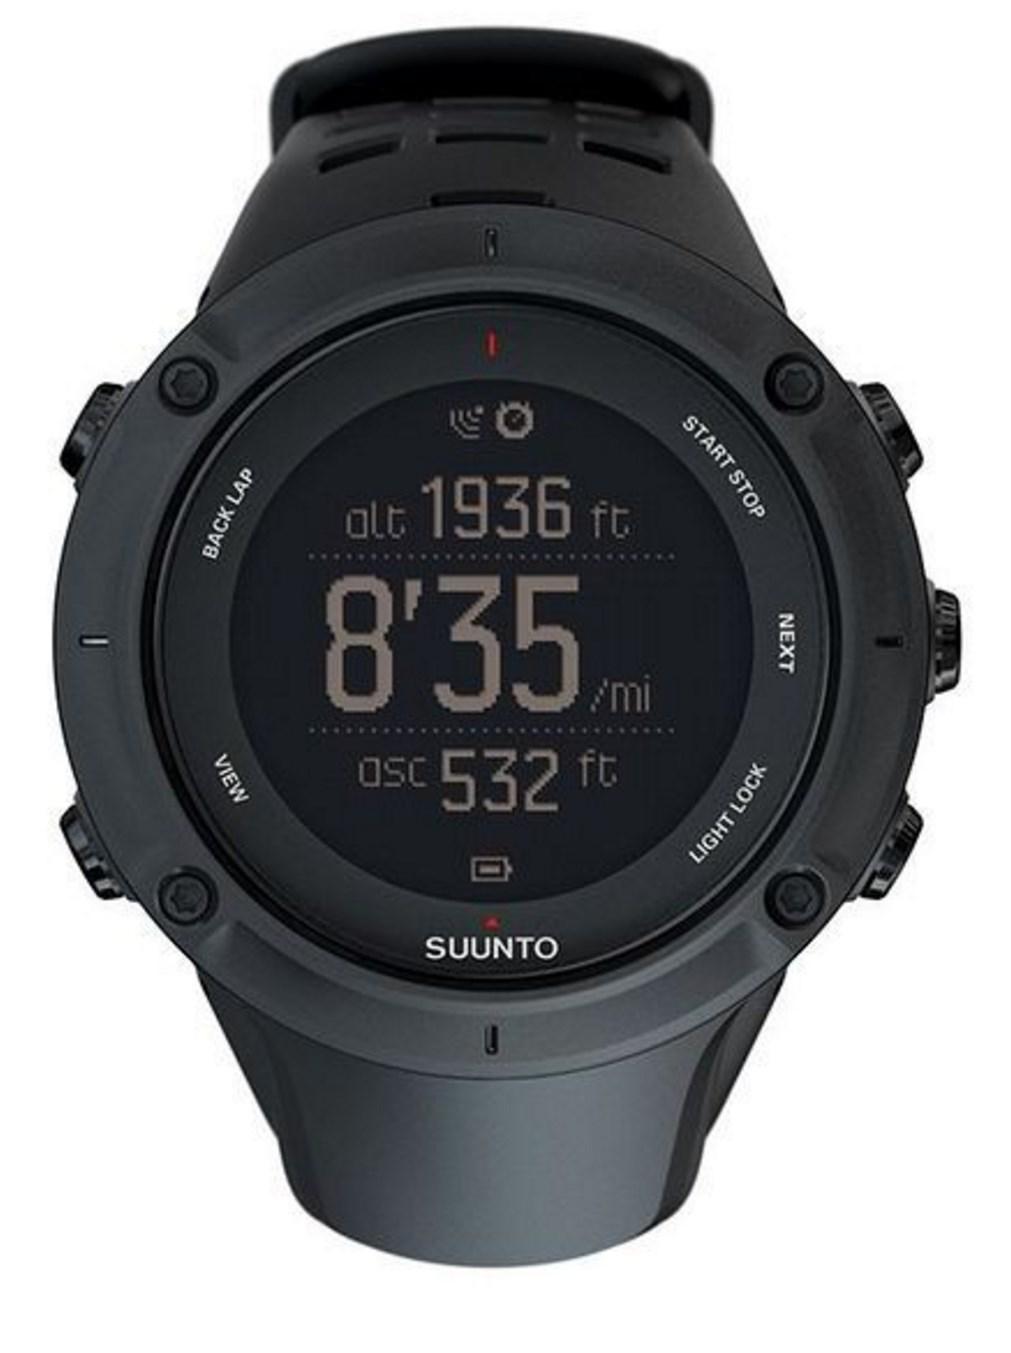 Montre GPS Suunto ambit peak Hr avec ceinture cardio